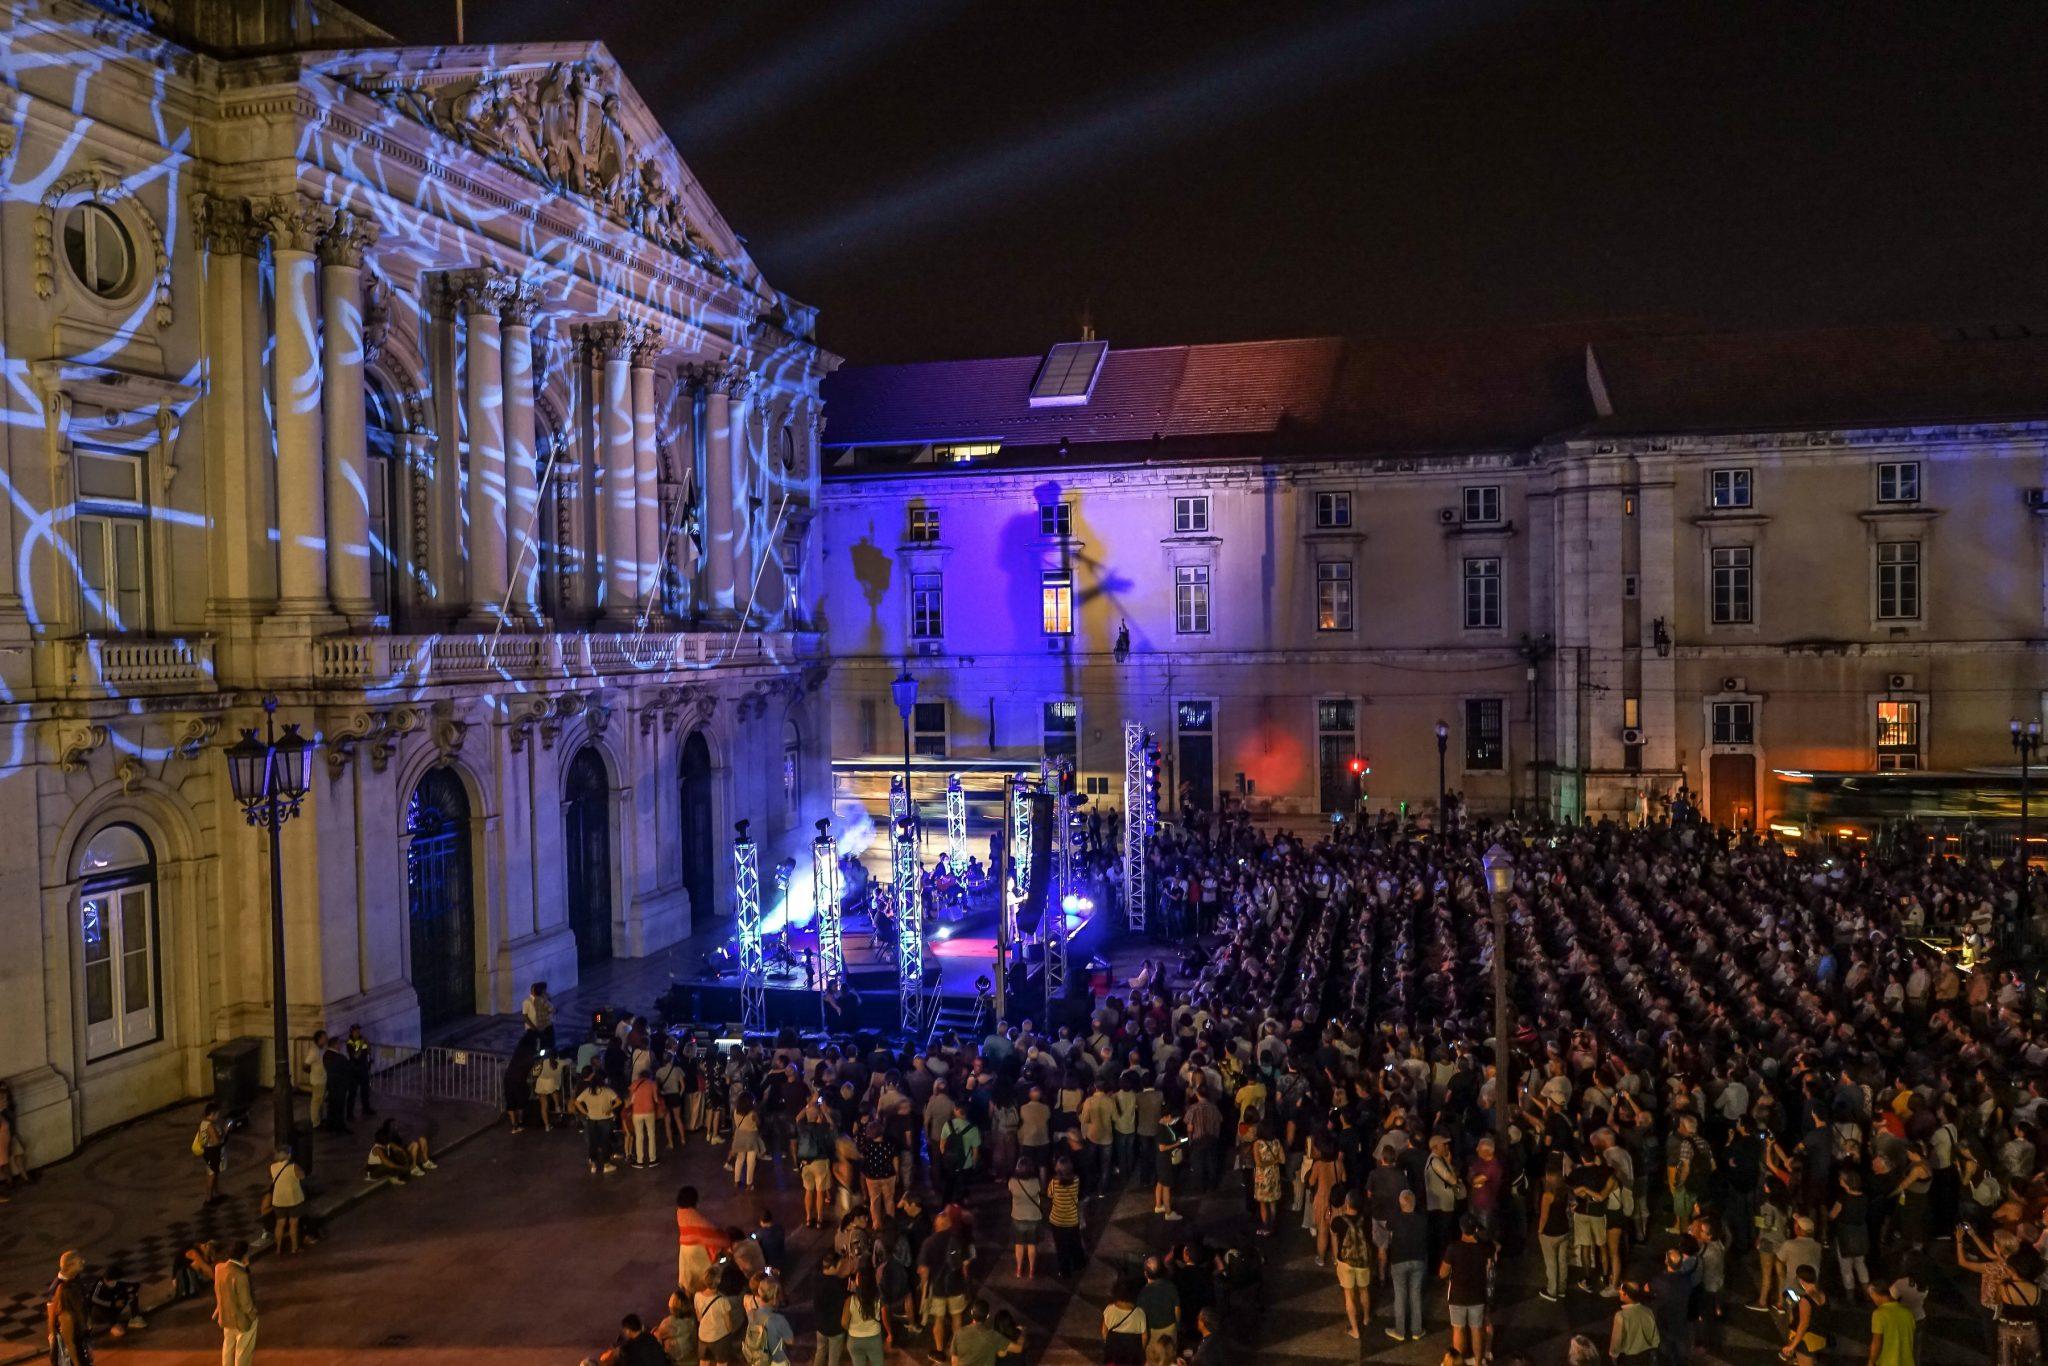 Praça do Município, de lado para o observador, à noite durante concerto, com pessoas sentadas e de pé